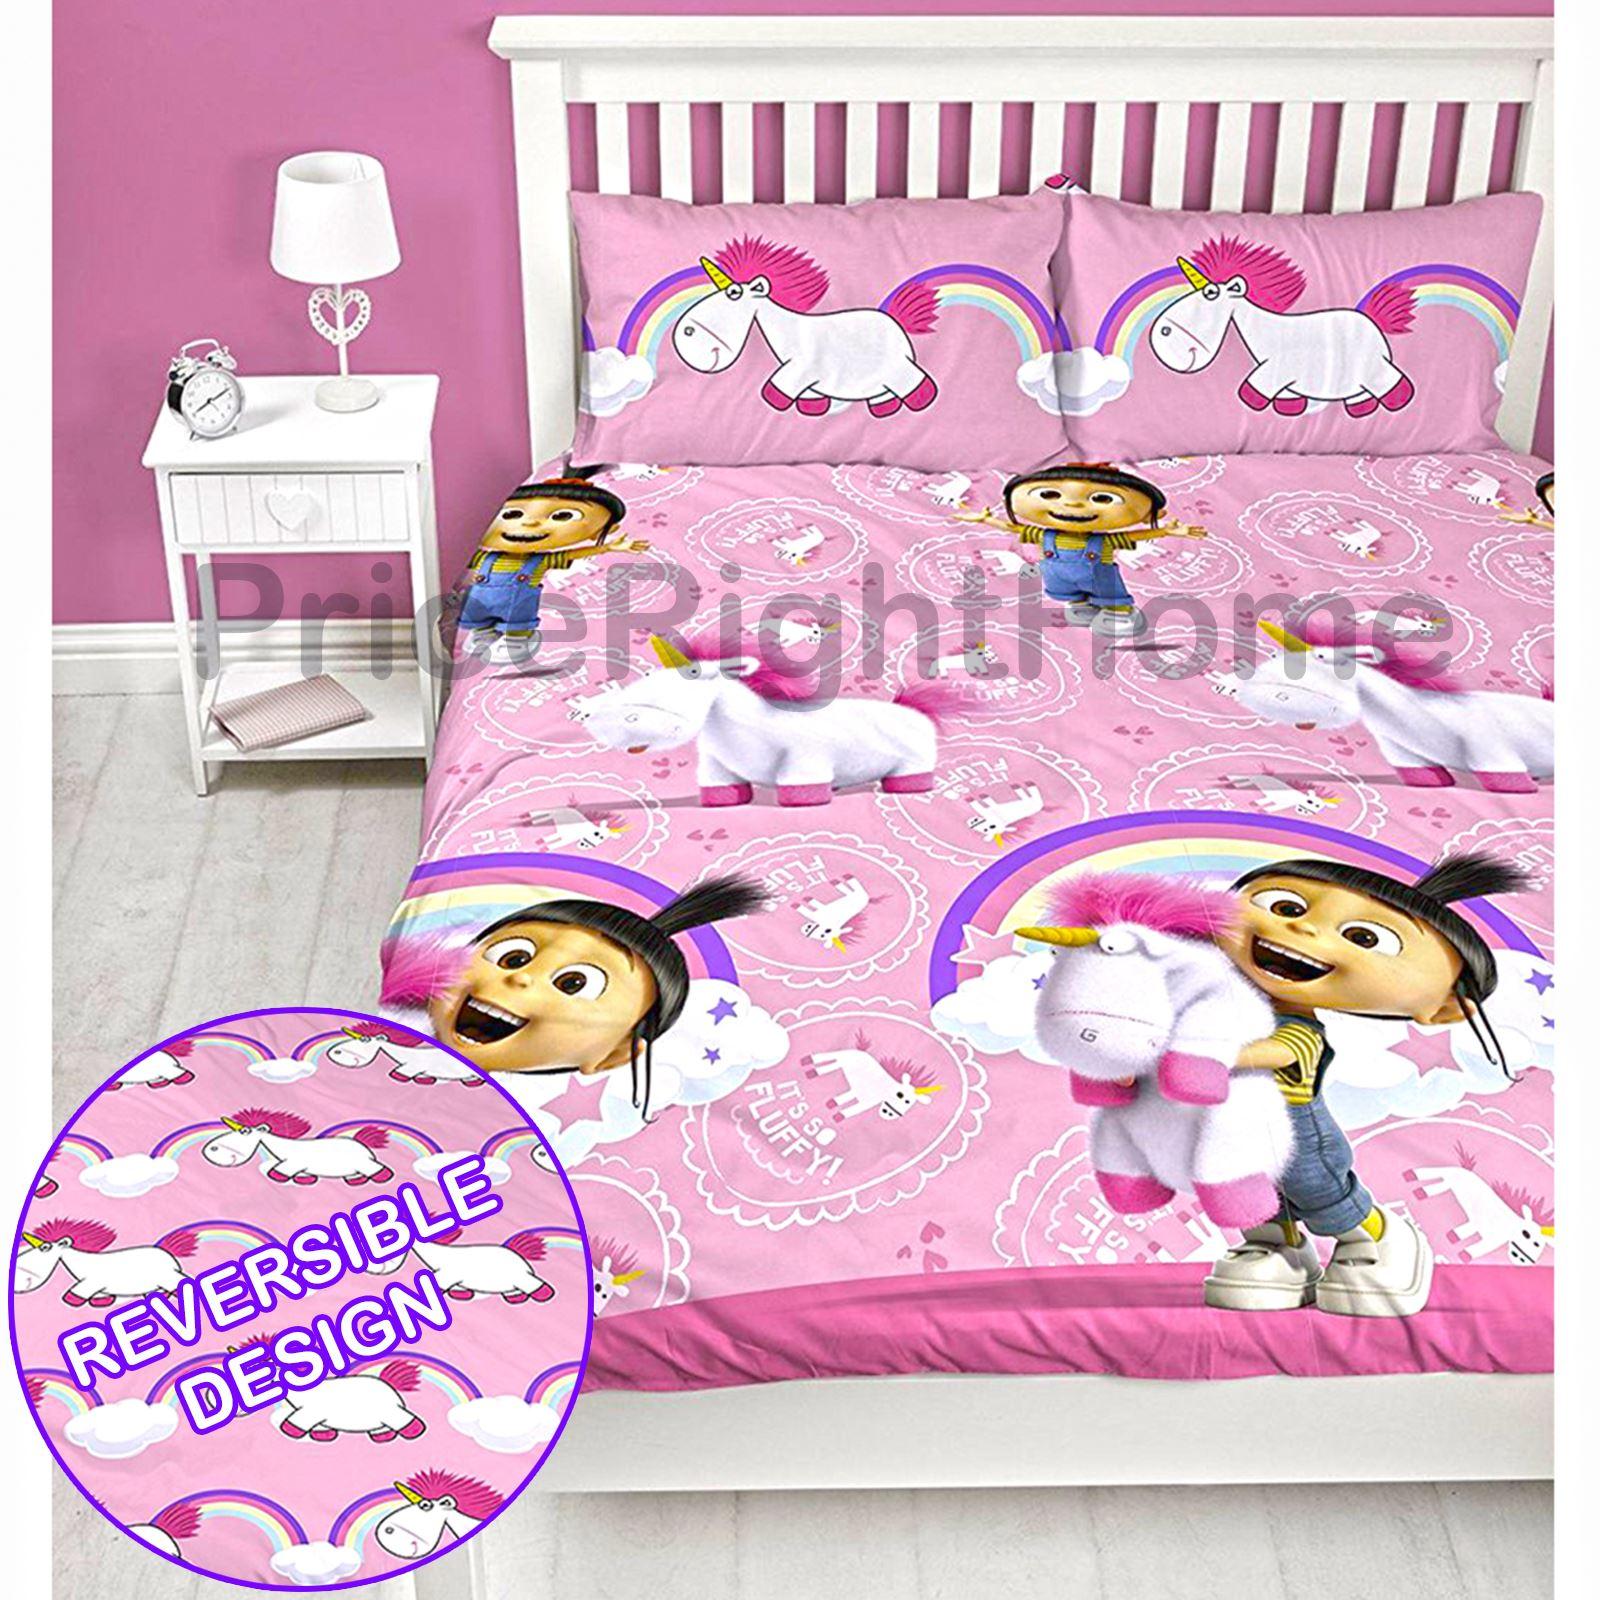 Unicorno copripiumino set bambine ragazze biancheria da letto bambini singolo - Biancheria da letto bambini ...